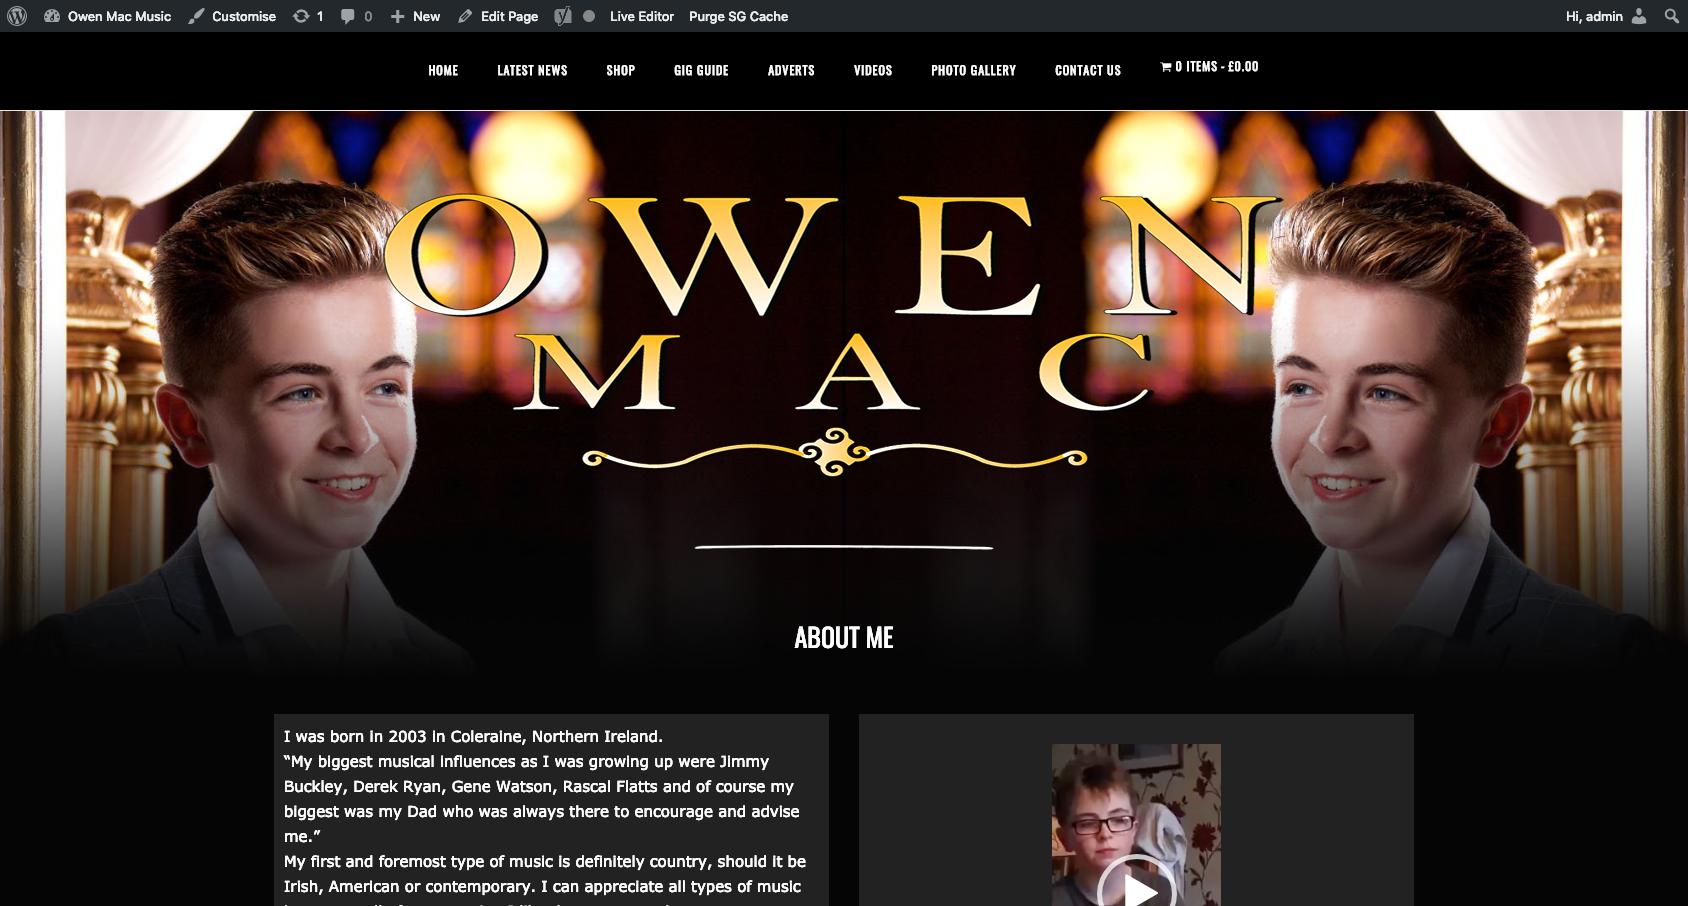 owen mac music